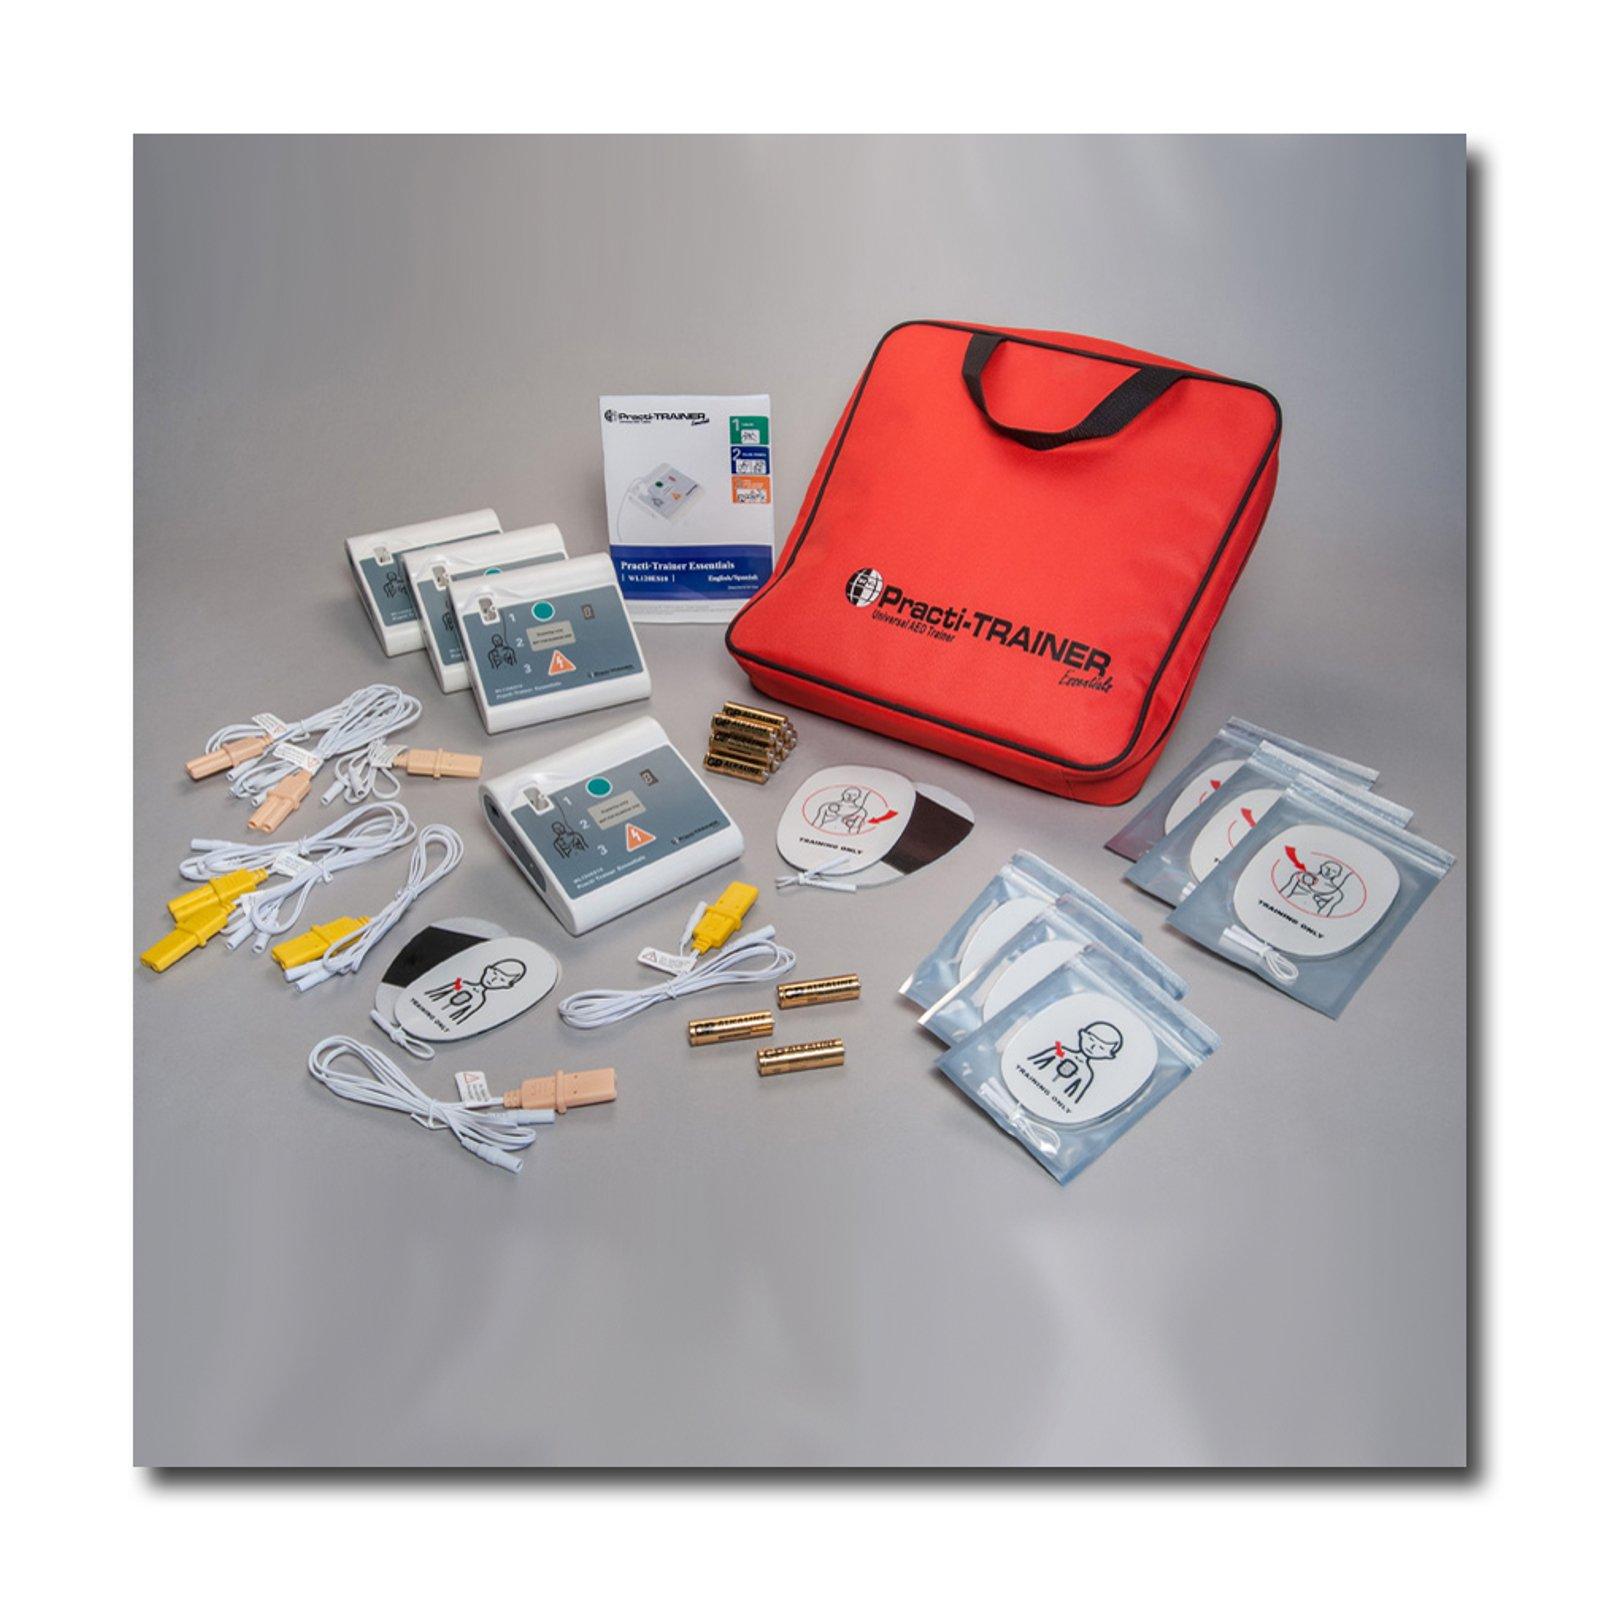 Pack of 4 AED Practi-Trainer Essentials CPR defibrillator training units, WNL# WL120ES10-4